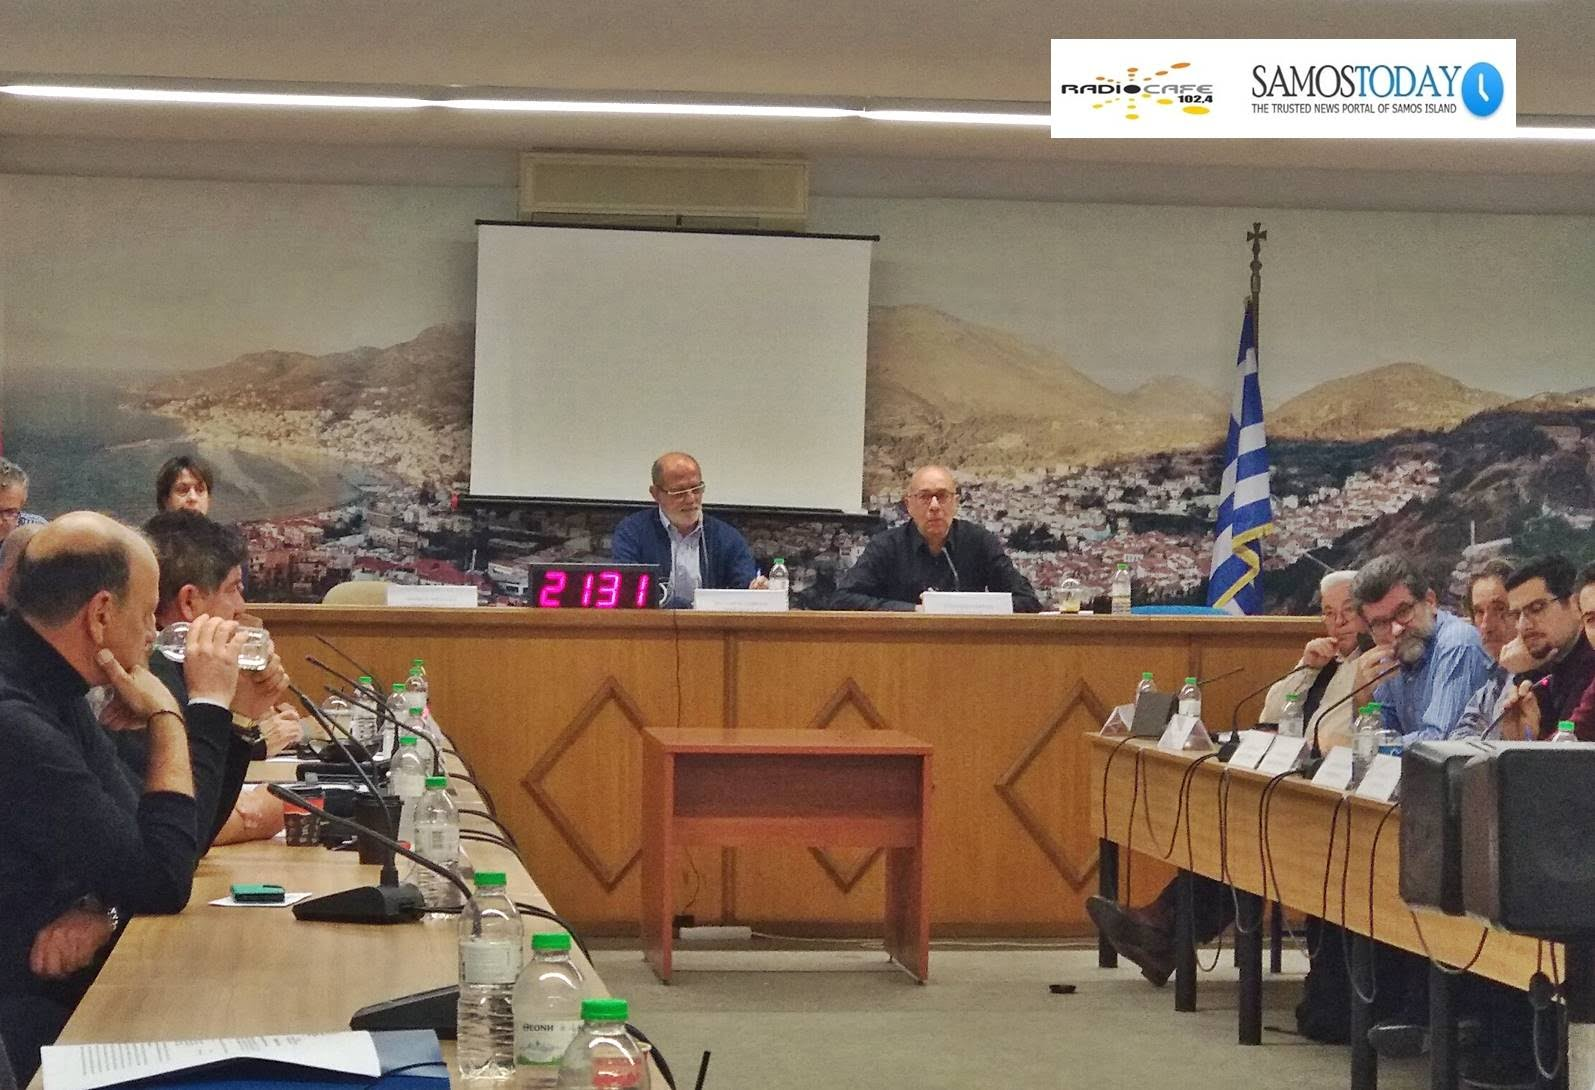 Την αναστολή των κινητοποιήσεων στη θέση «ΖΕΡΒΟΥ» αποφάσισε το Δημοτικό Συμβούλιο. Αντιδράσεις από κατοίκους